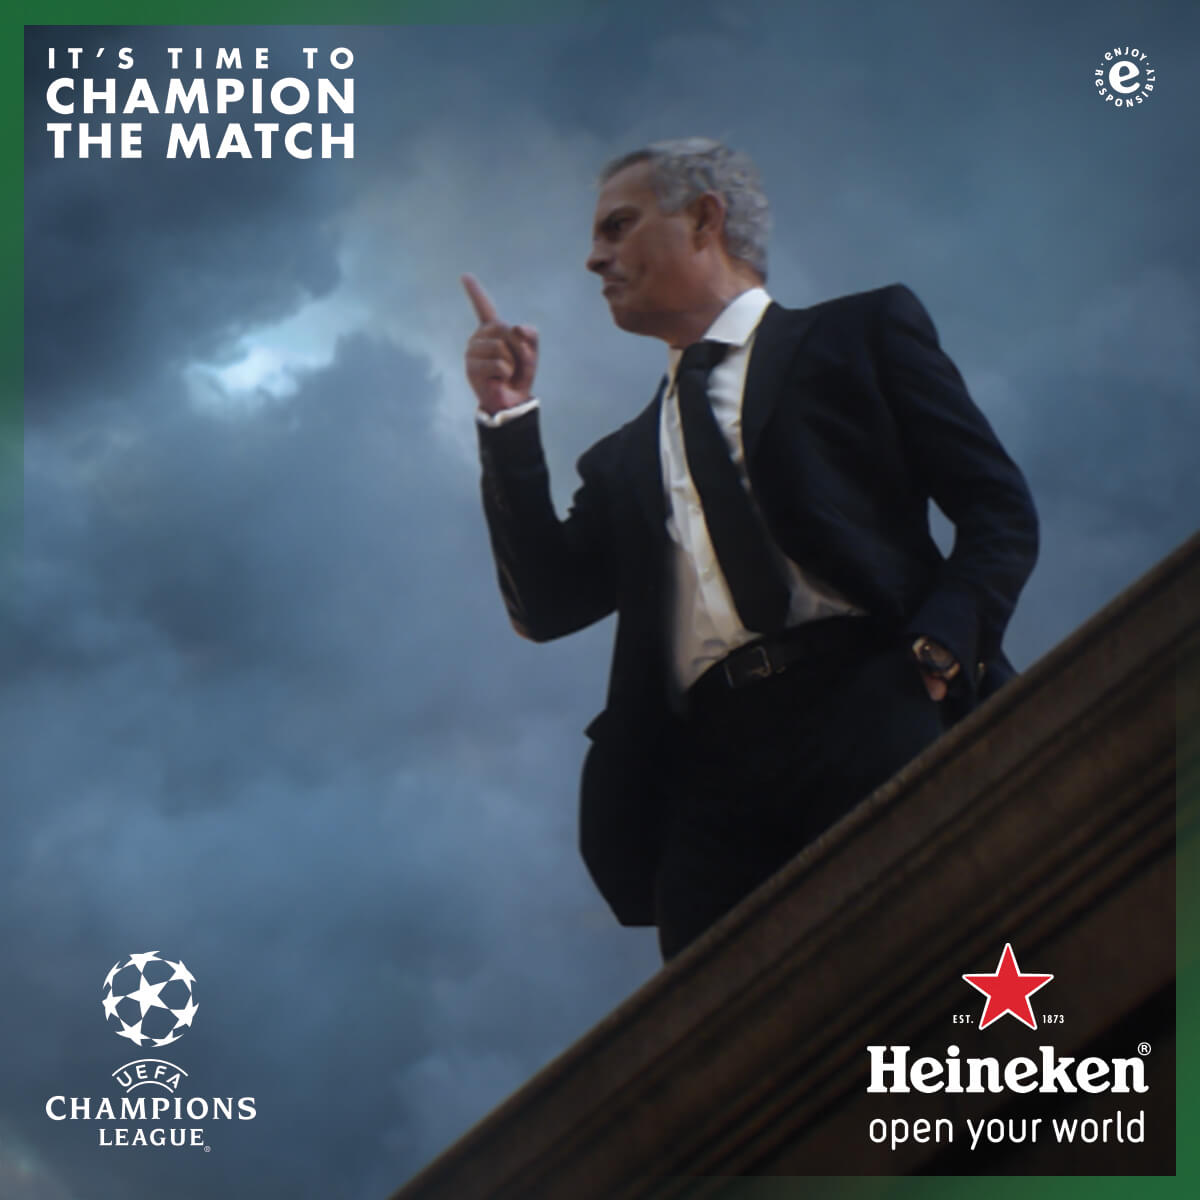 fb-still-image-mourinho-match-reminder-mourinho-3-1200x1200-11